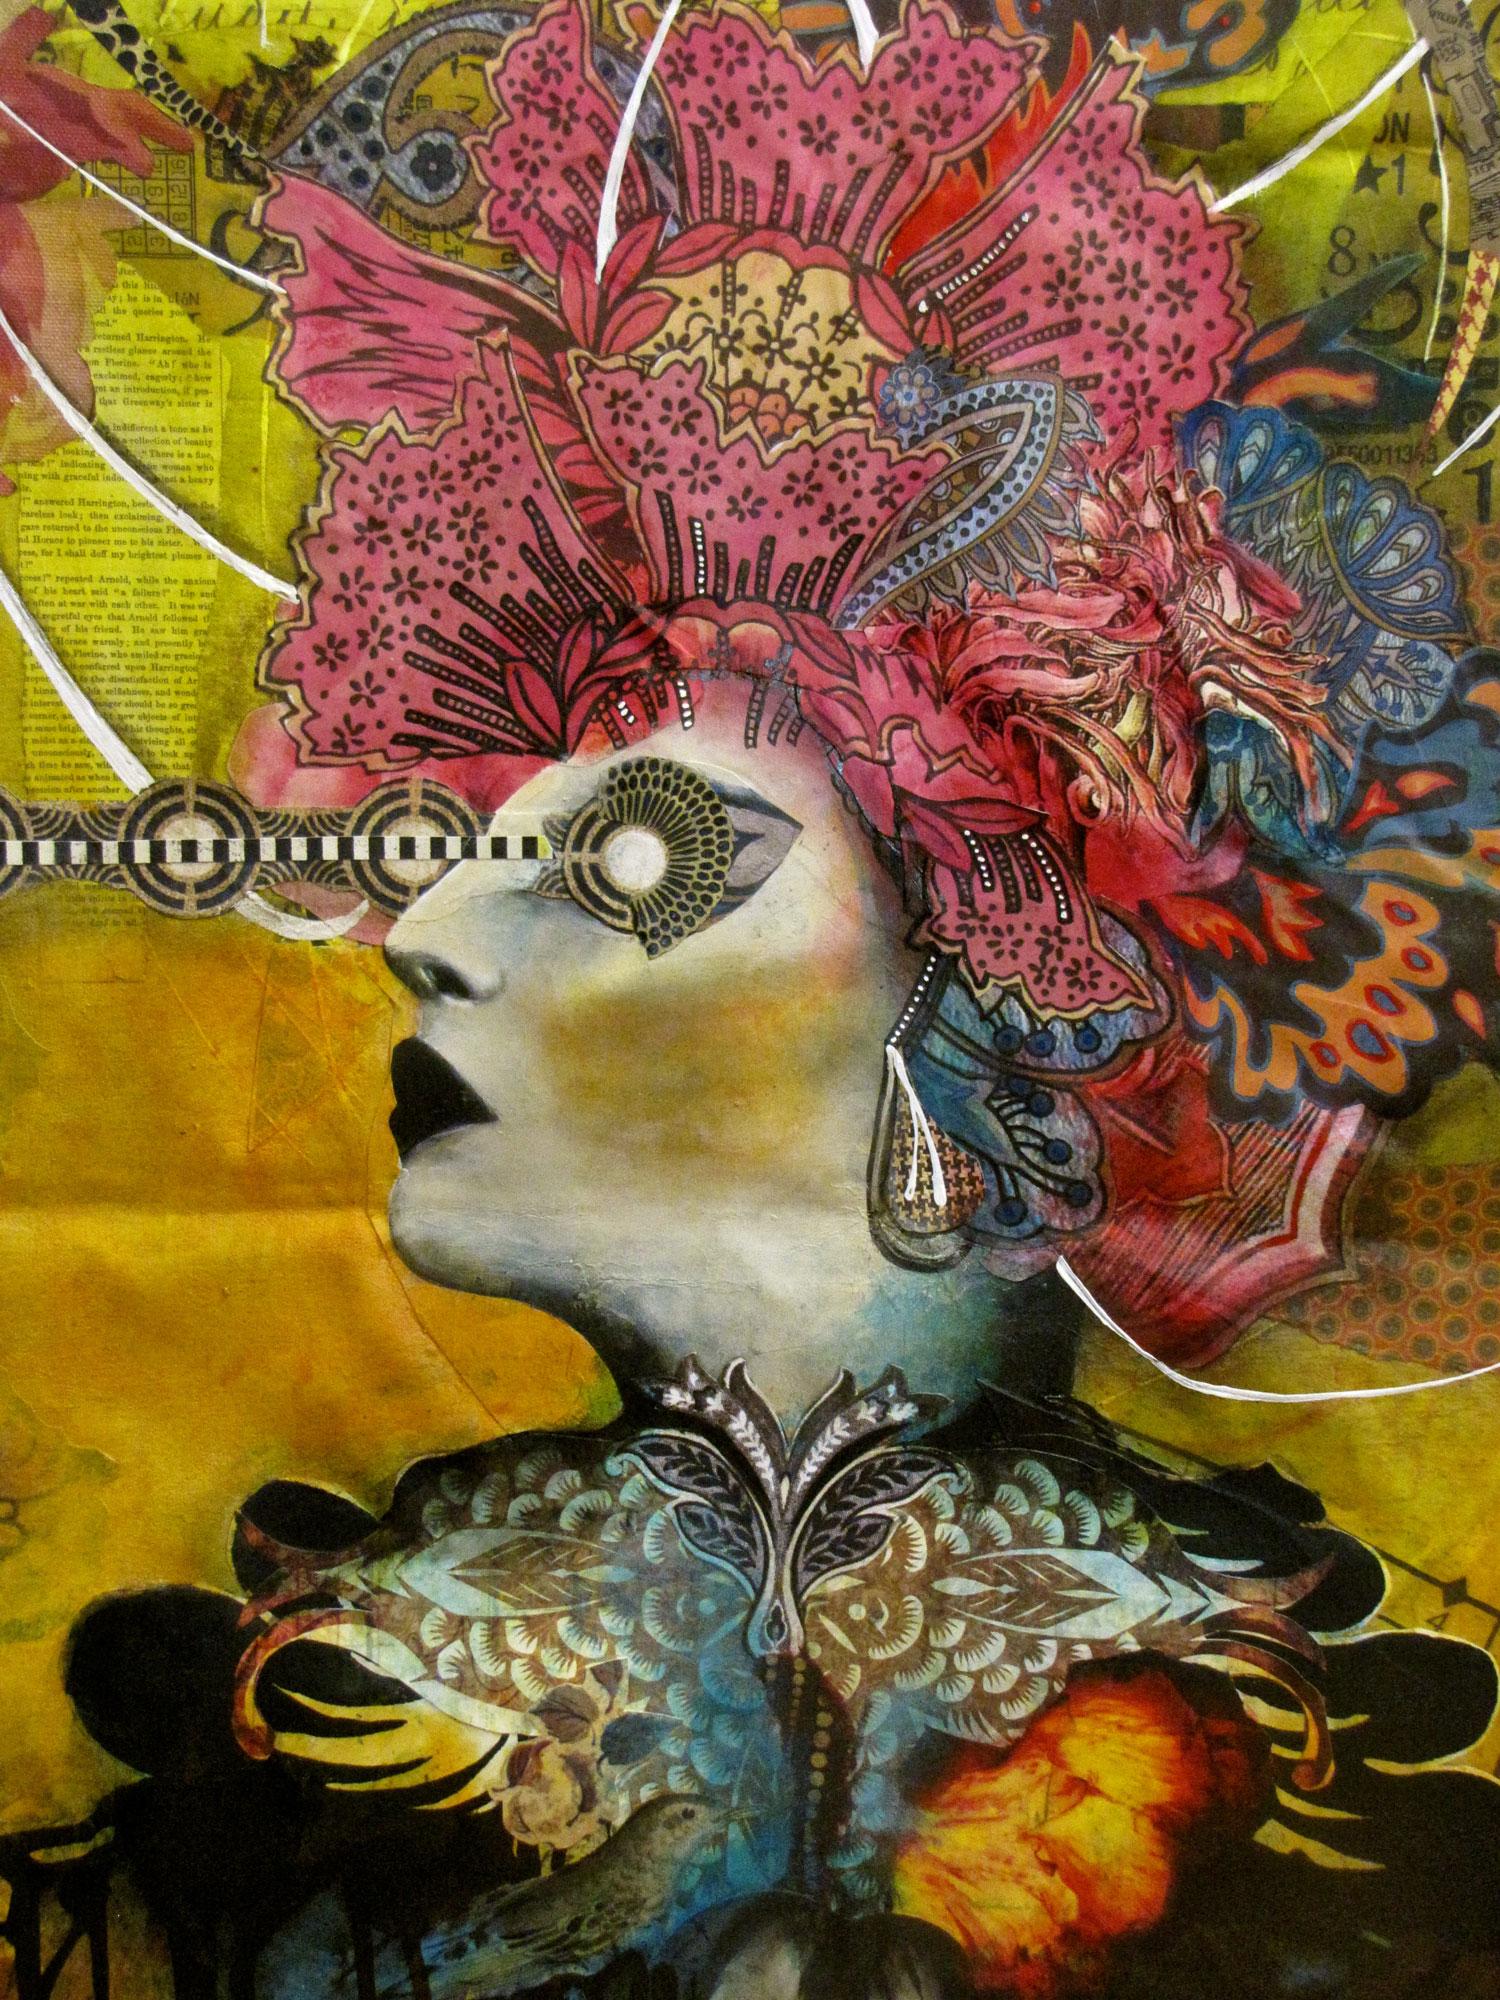 Andrea-Matus-deMeng--Intuition-Closeup.jpg